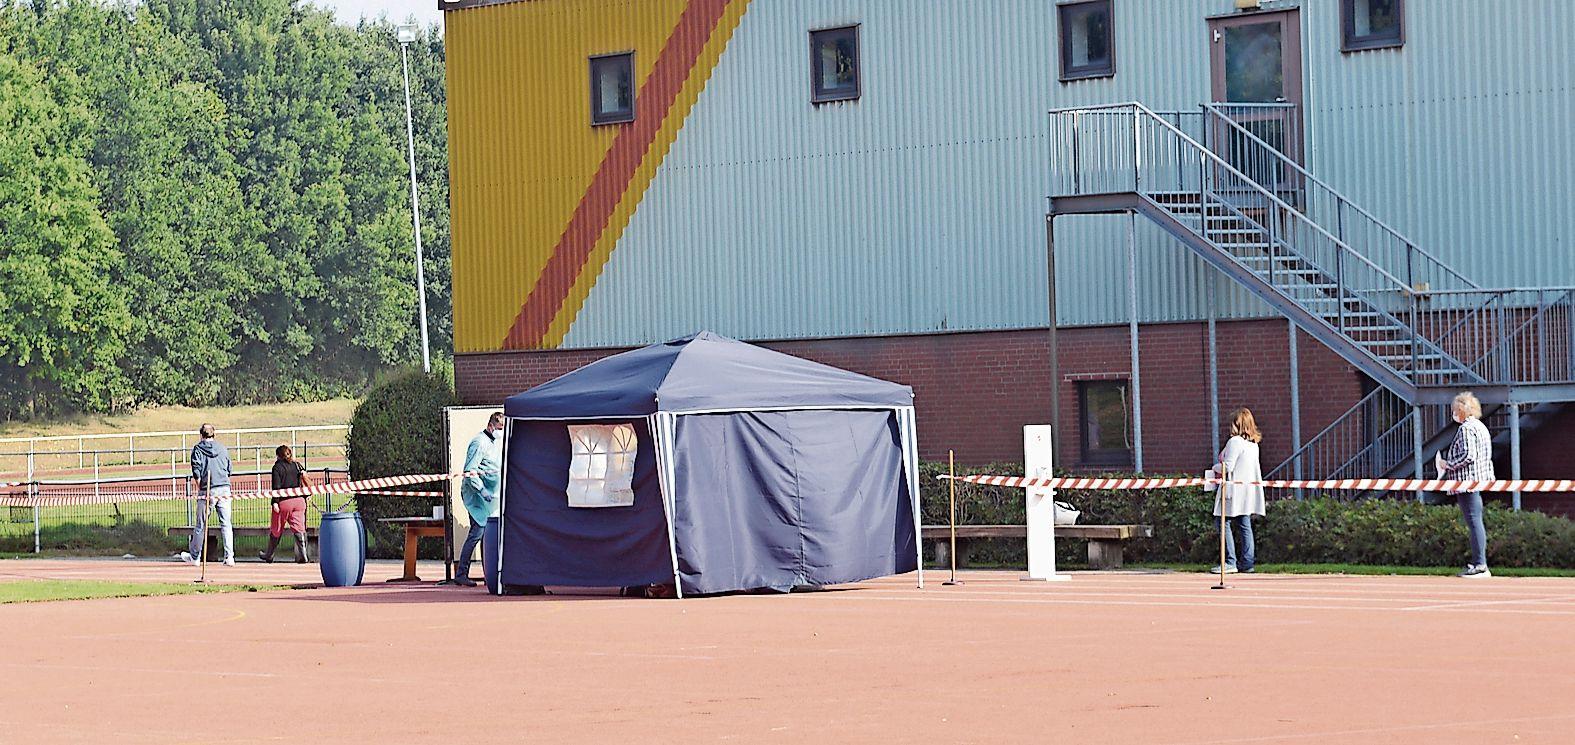 Massentest: Im hinteren Bereich der großen Löninger Sporthalle hat das Gesundheitsamt ihr Testzelt aufgebaut. Foto: Willi Siemers